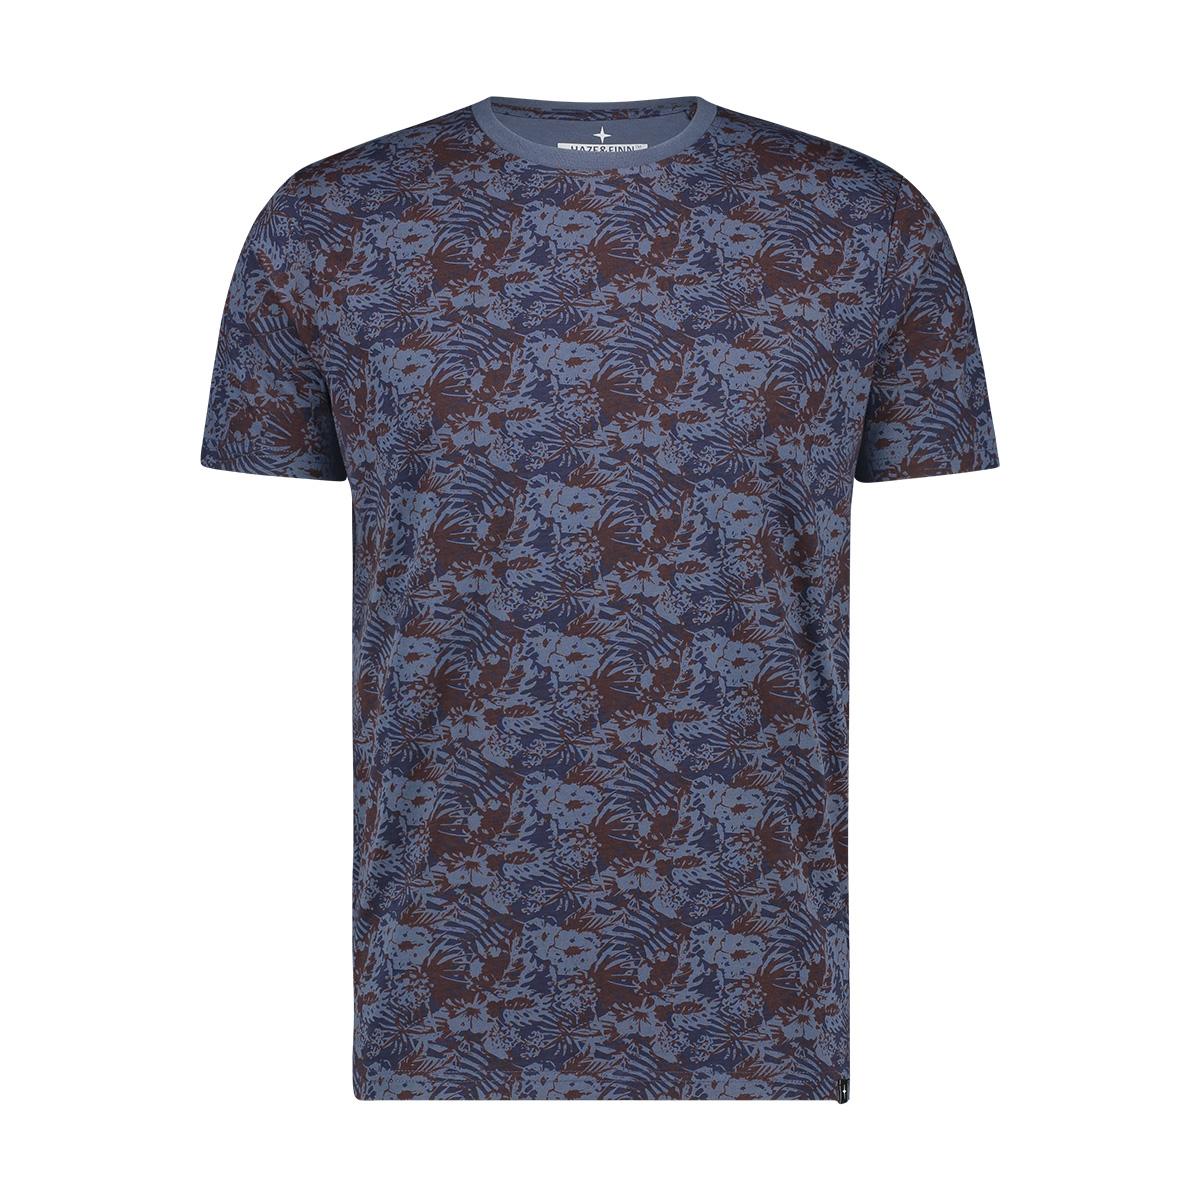 tee sublimation print mu12 0002 haze & finn t-shirt blue jungle